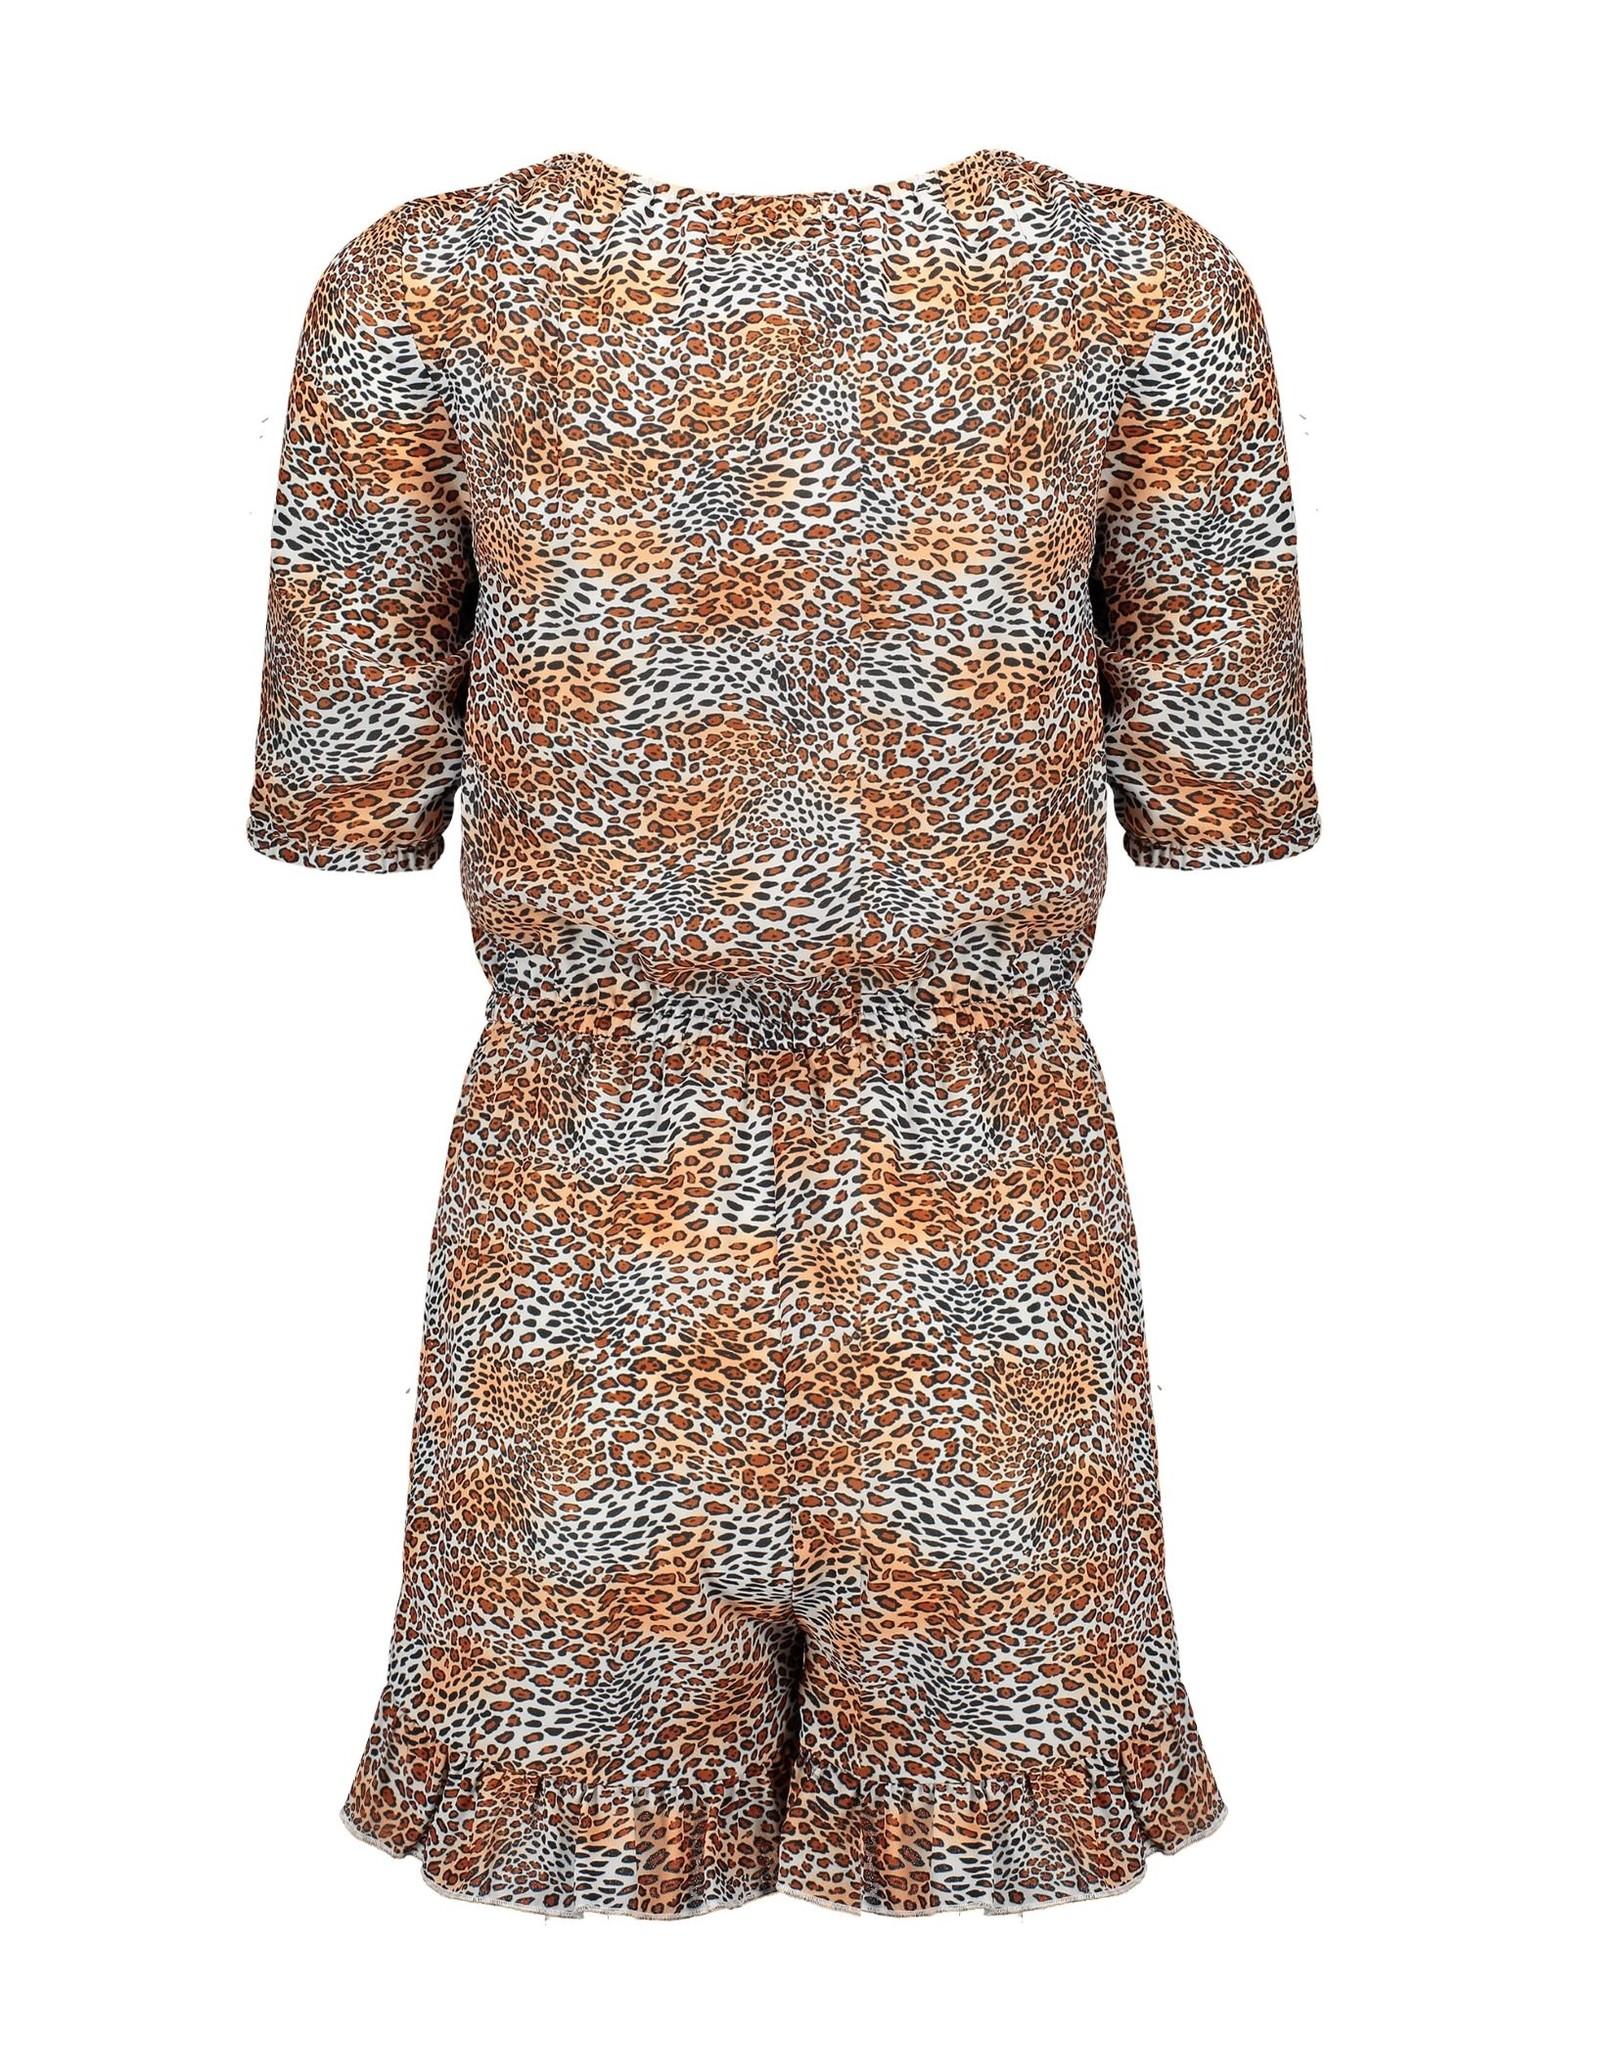 NoBell NoBell jumpsuit 3608 ginger